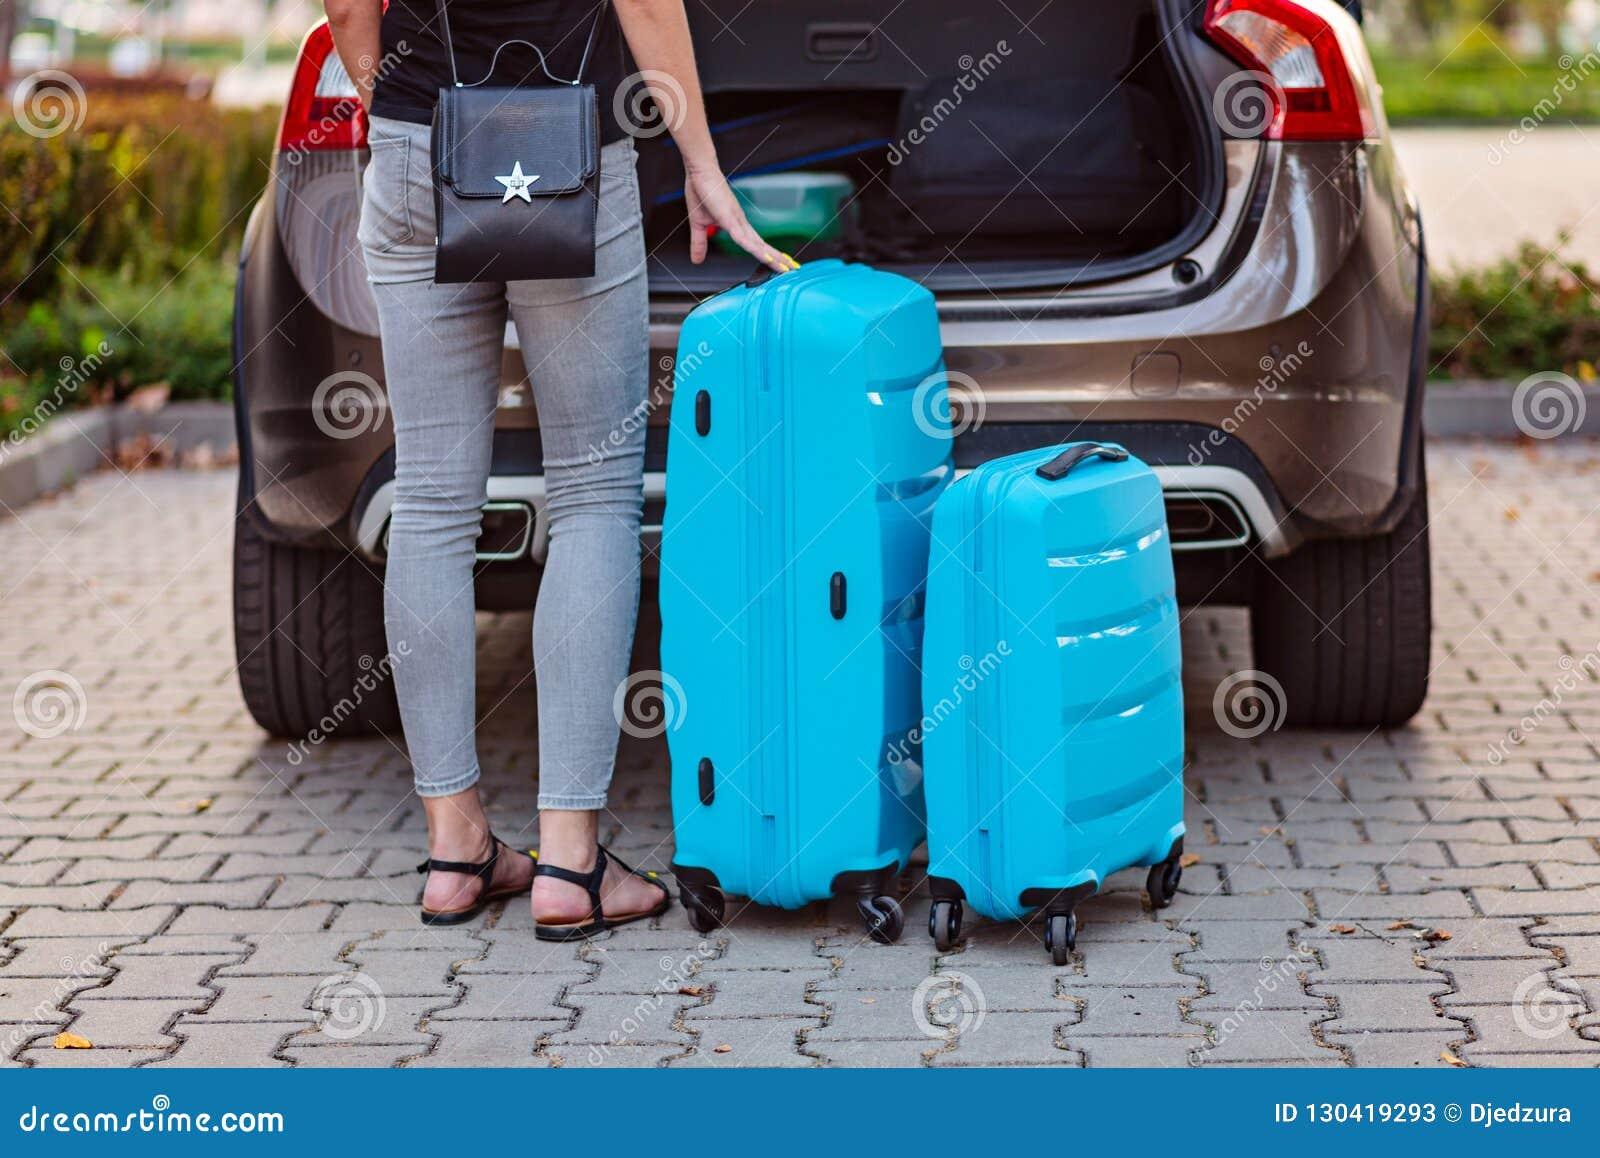 Γυναίκα που βάζει δύο μπλε πλαστικές βαλίτσες στον κορμό αυτοκινήτων